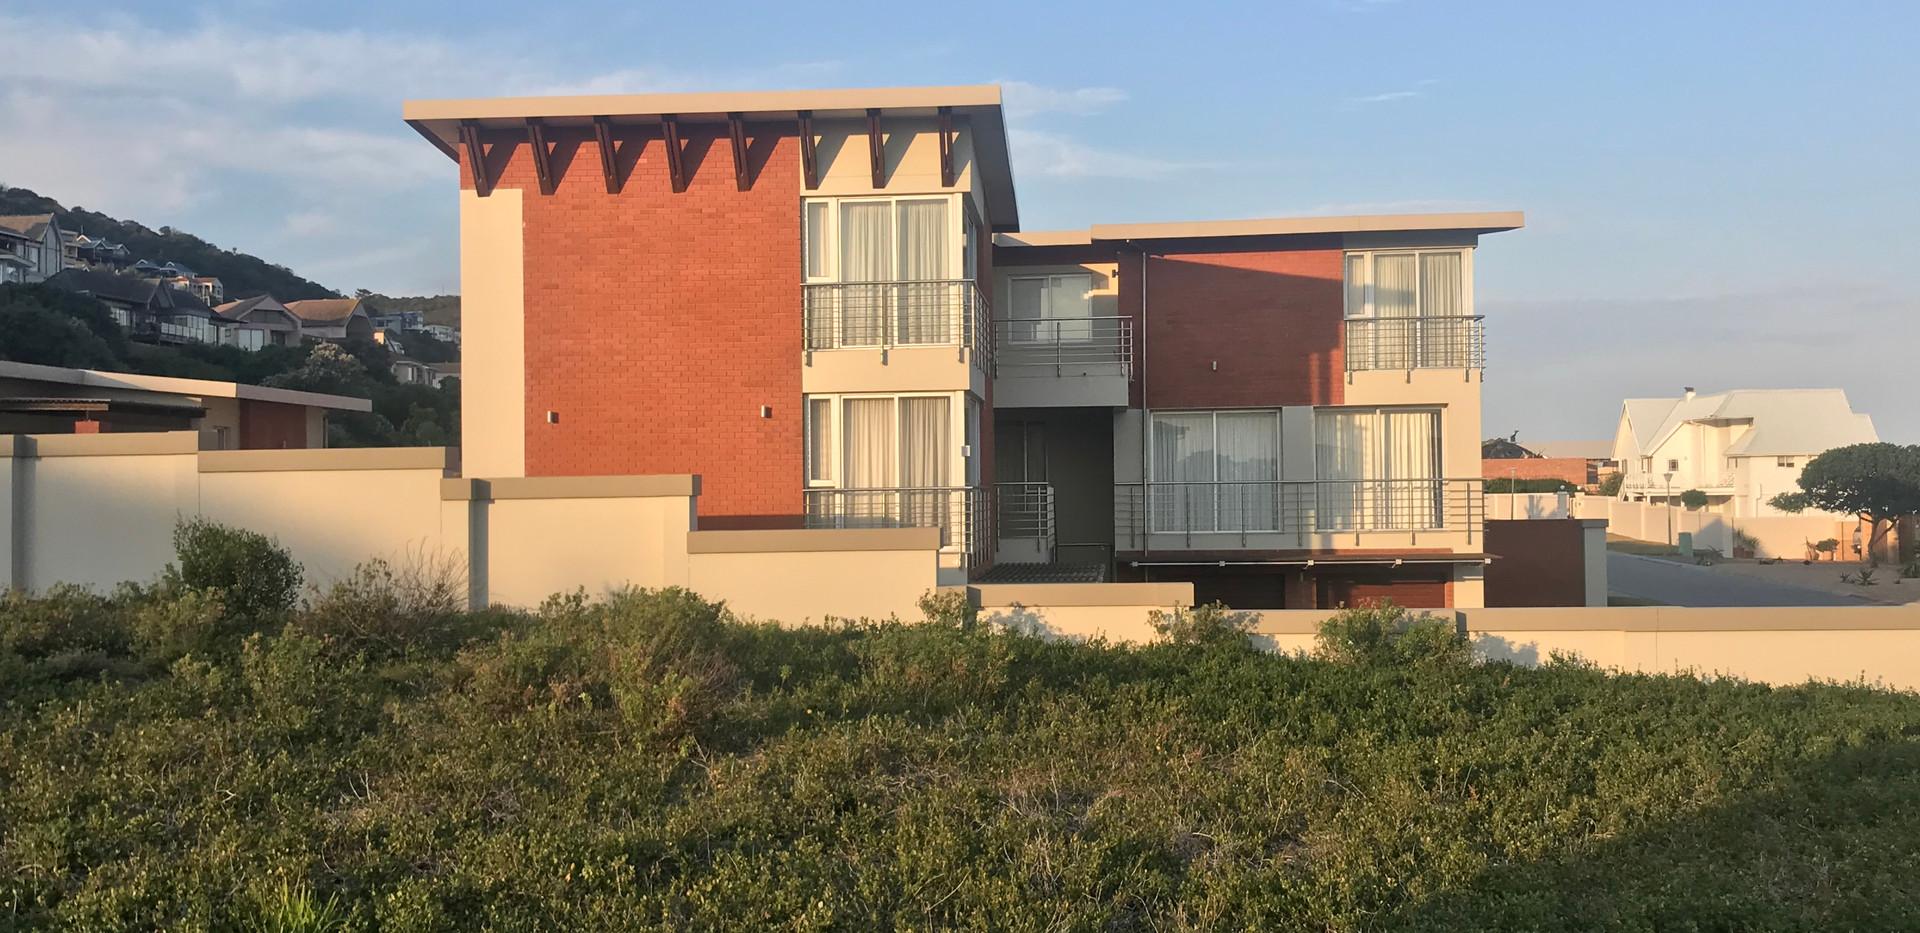 House Durandt | Outeniqua Strand